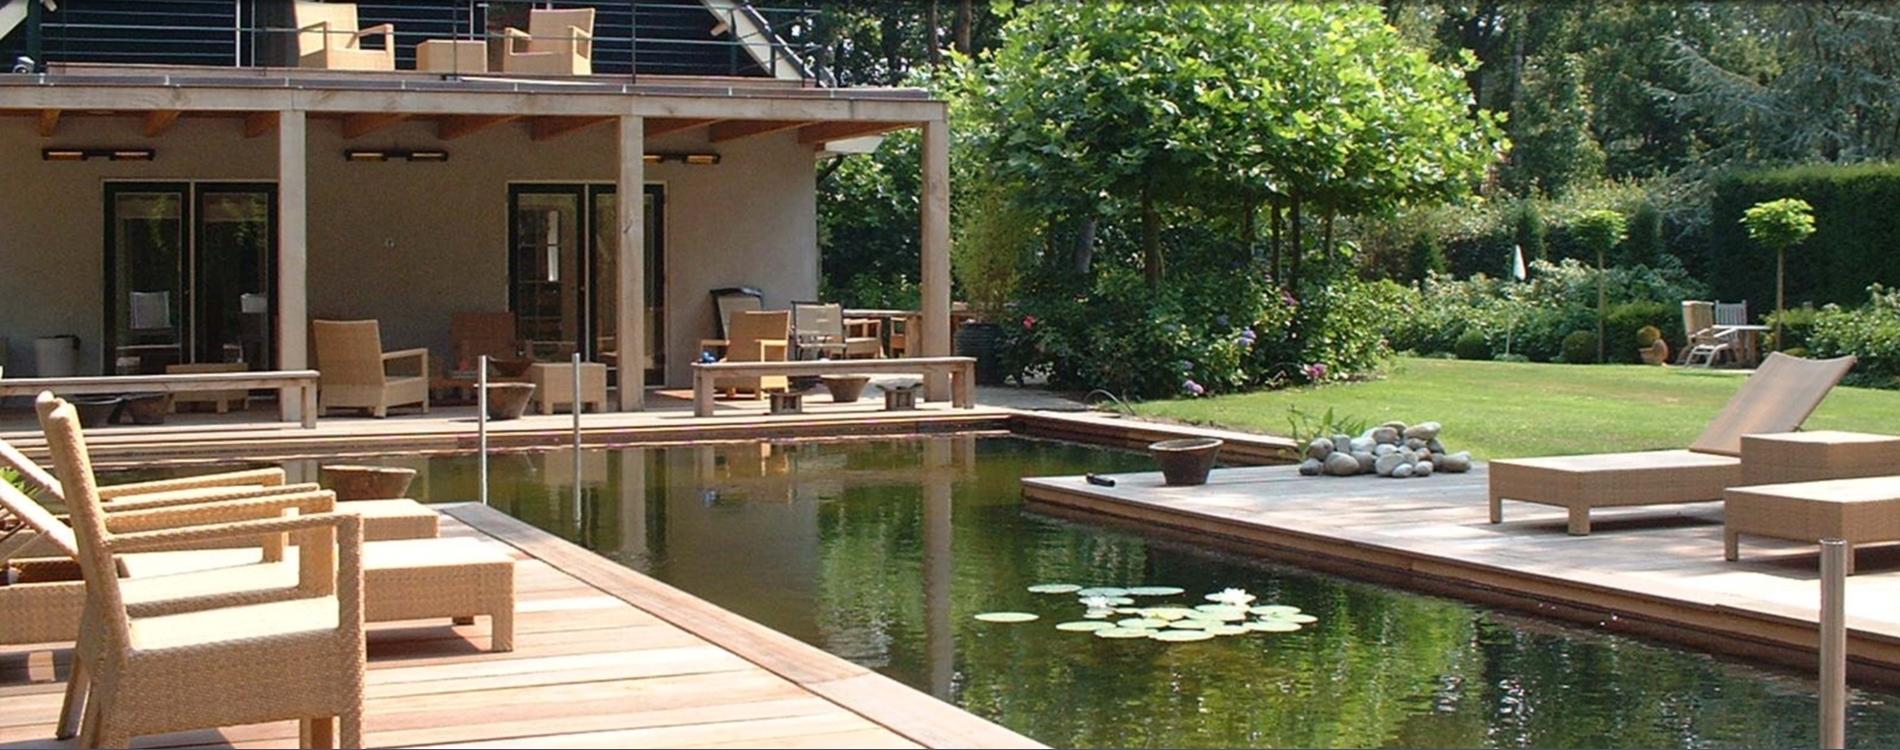 De waterman alles voor water in uw tuin for Tuin en vijver